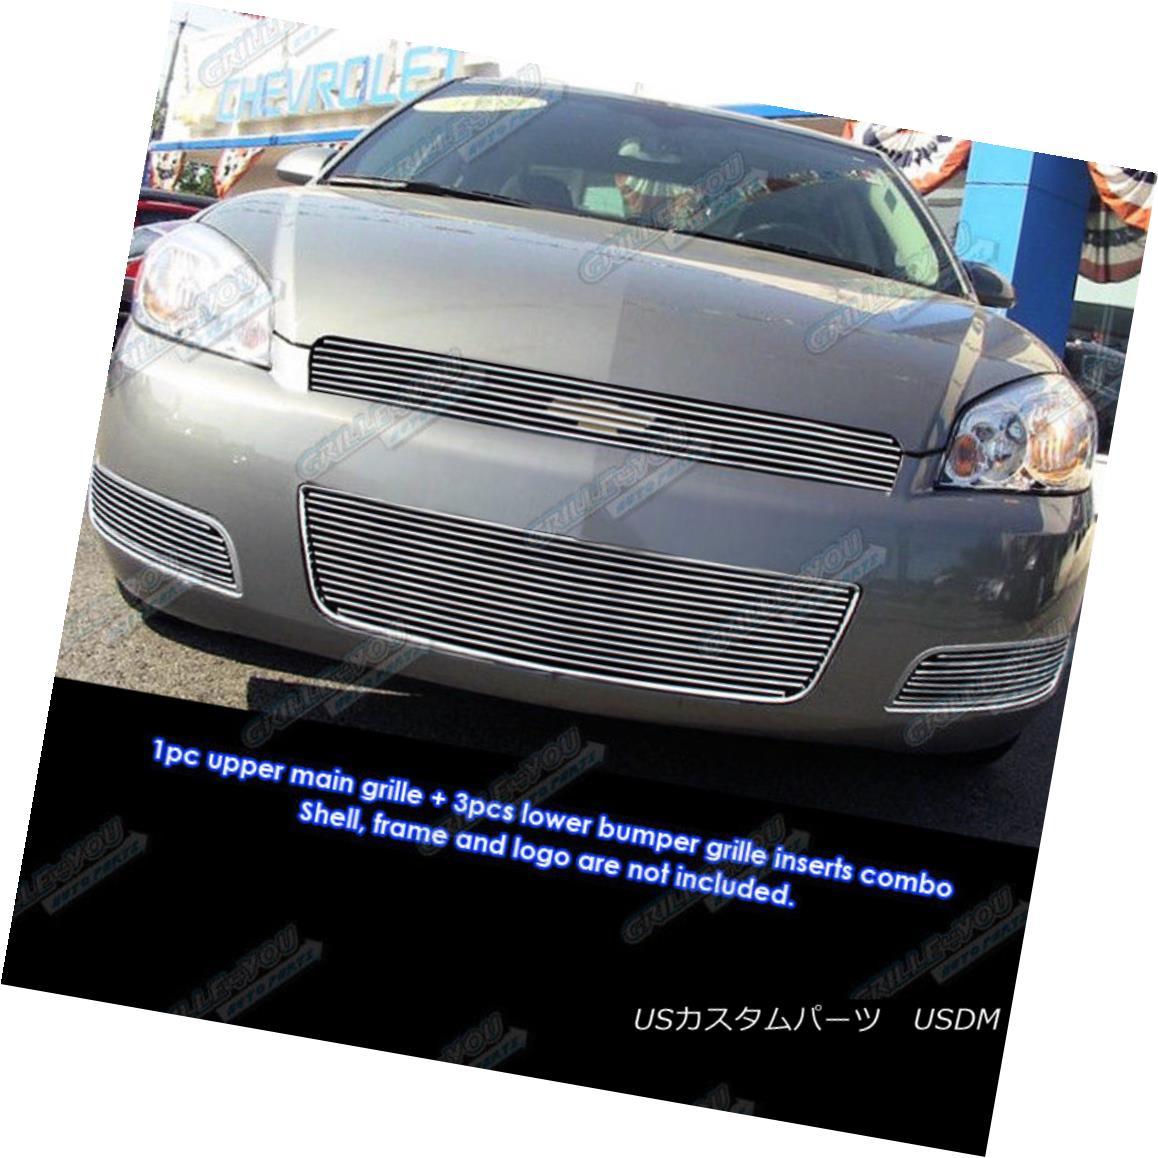 グリル Custom Fits 06-13 Chevy Impala LT/LS Billet Grill Combo カスタムフィット06-13シボレーインパラLT / LSビレットグリルコンボ